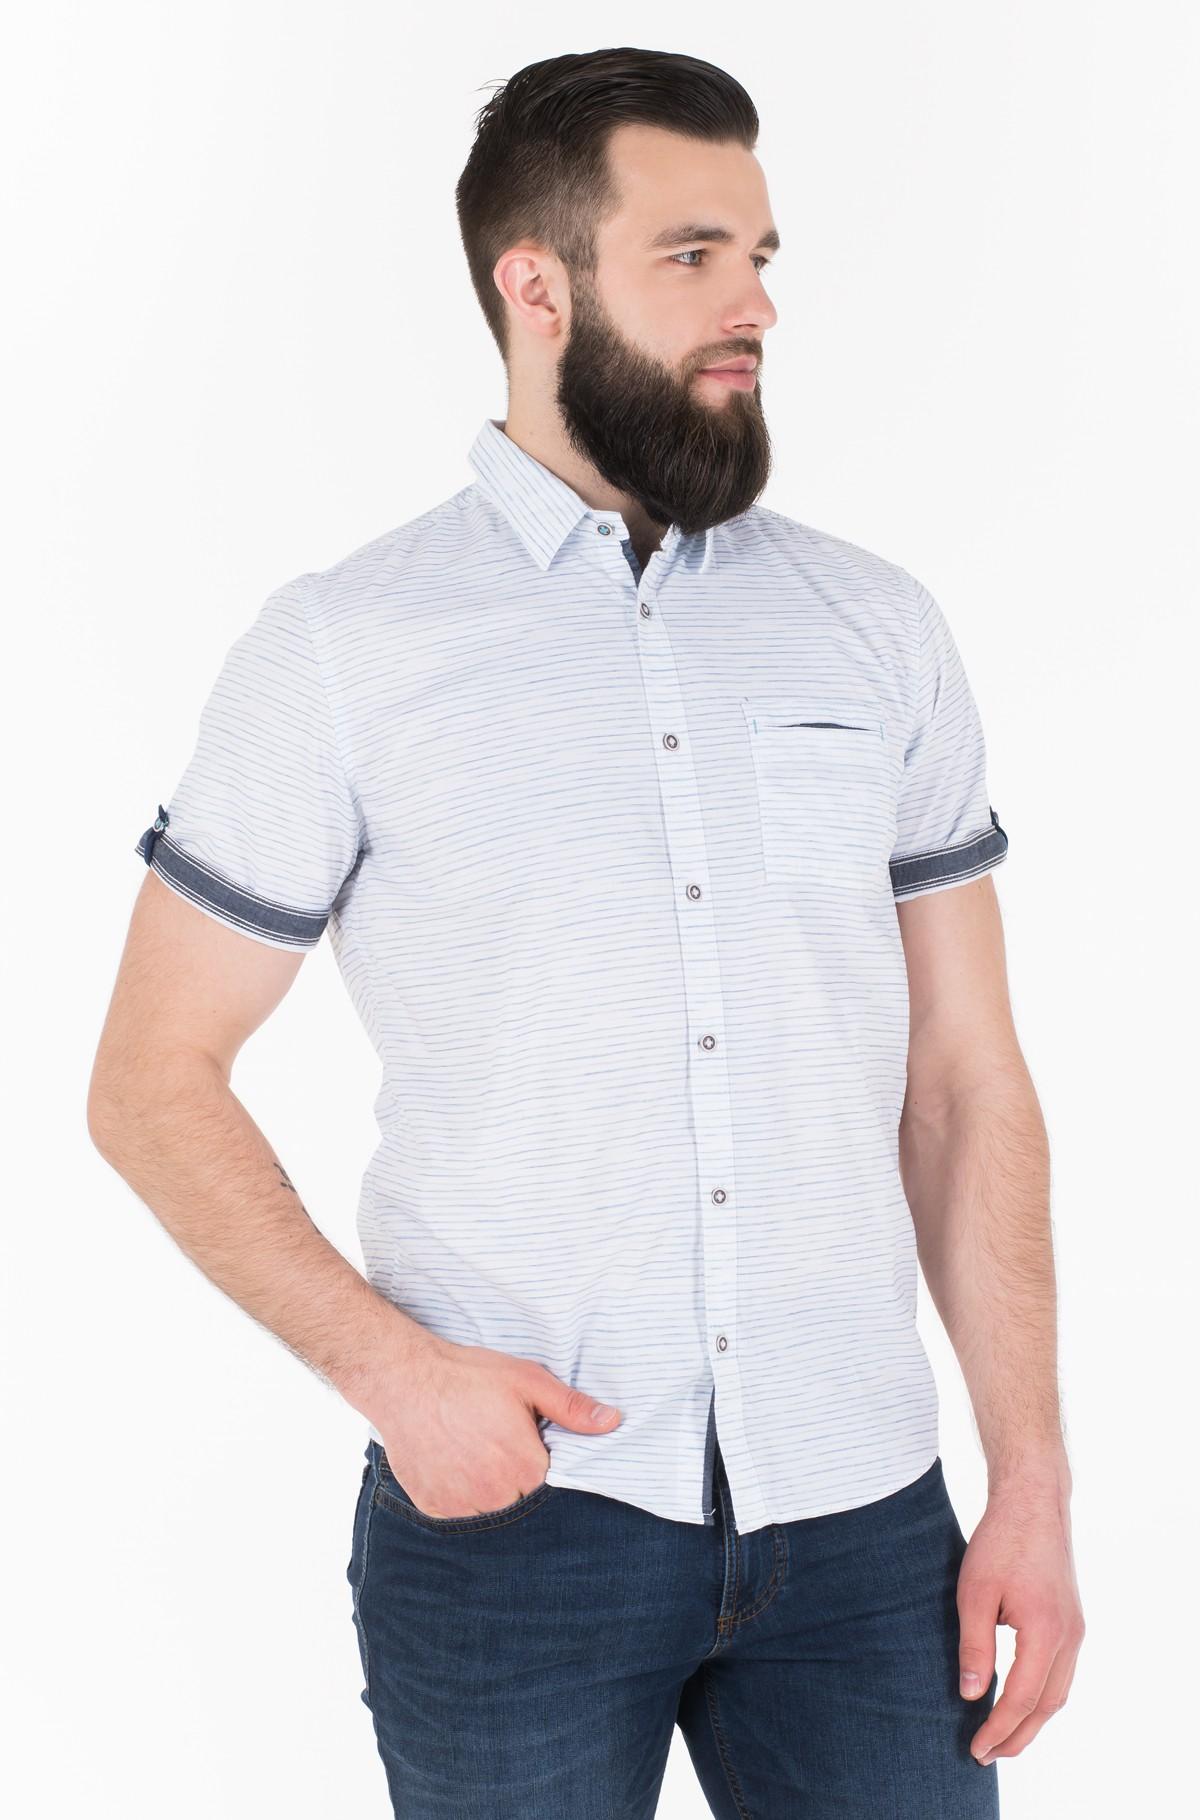 Marškiniai su trumpomis rankovėmis 1010110-full-1